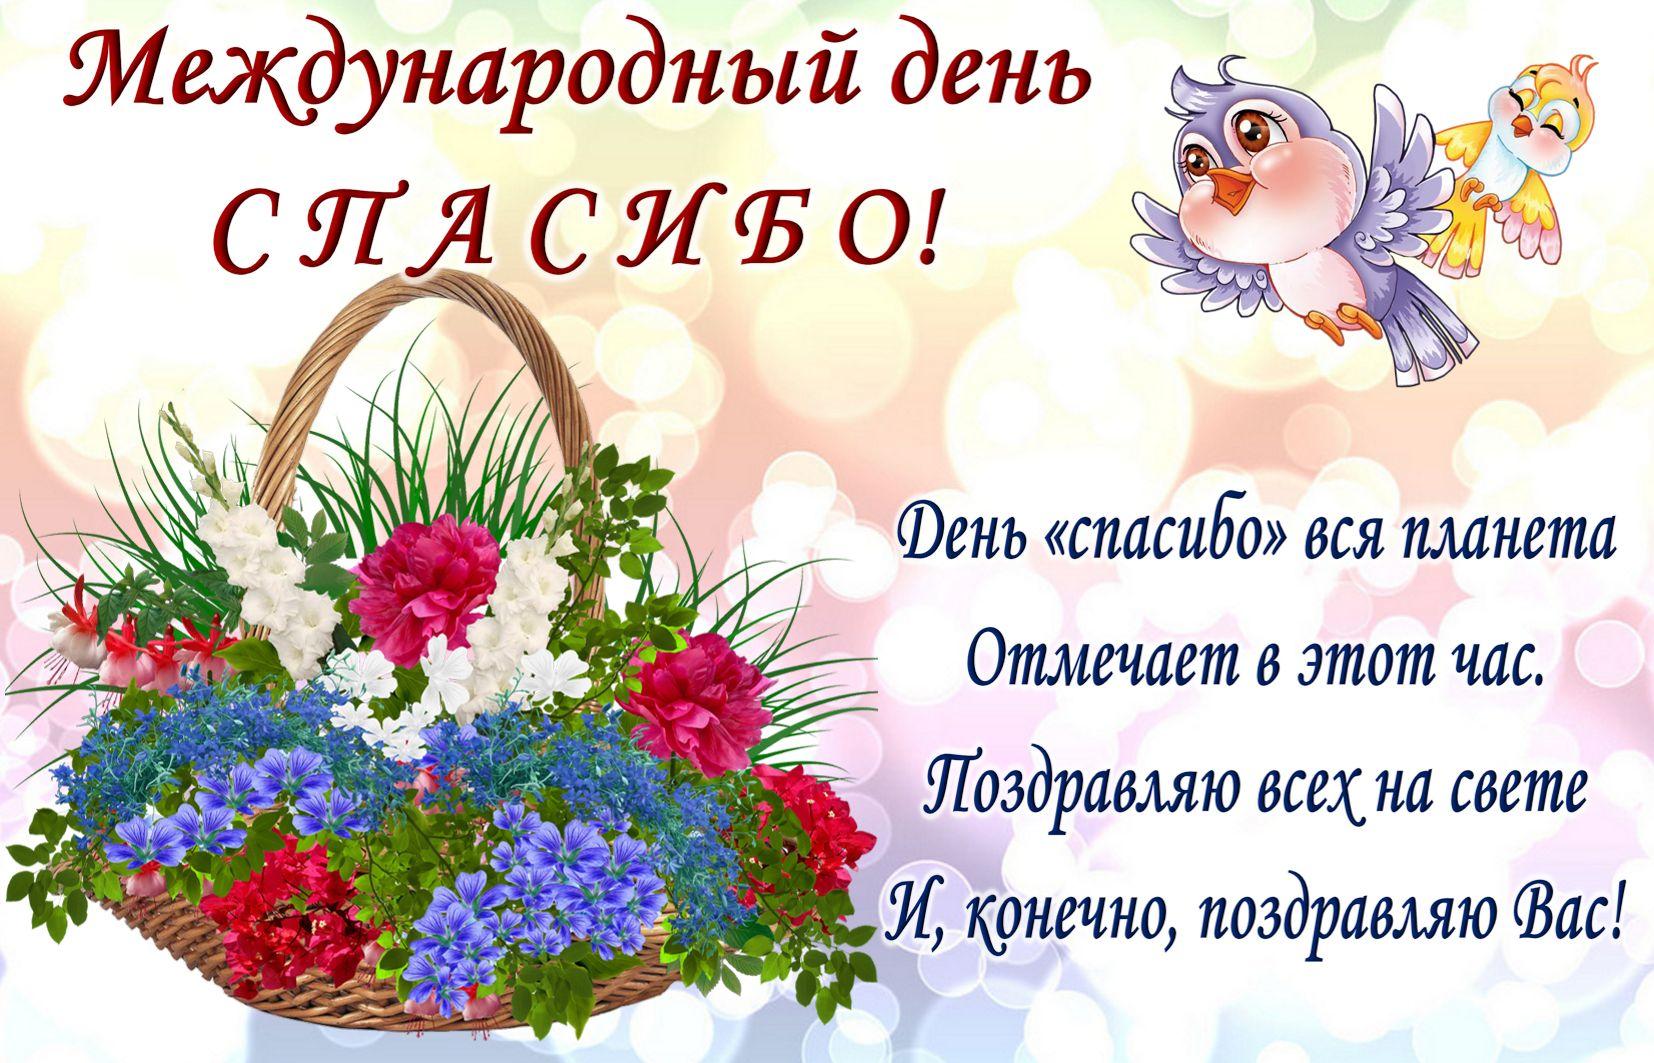 С международным днем спасибо поздравления